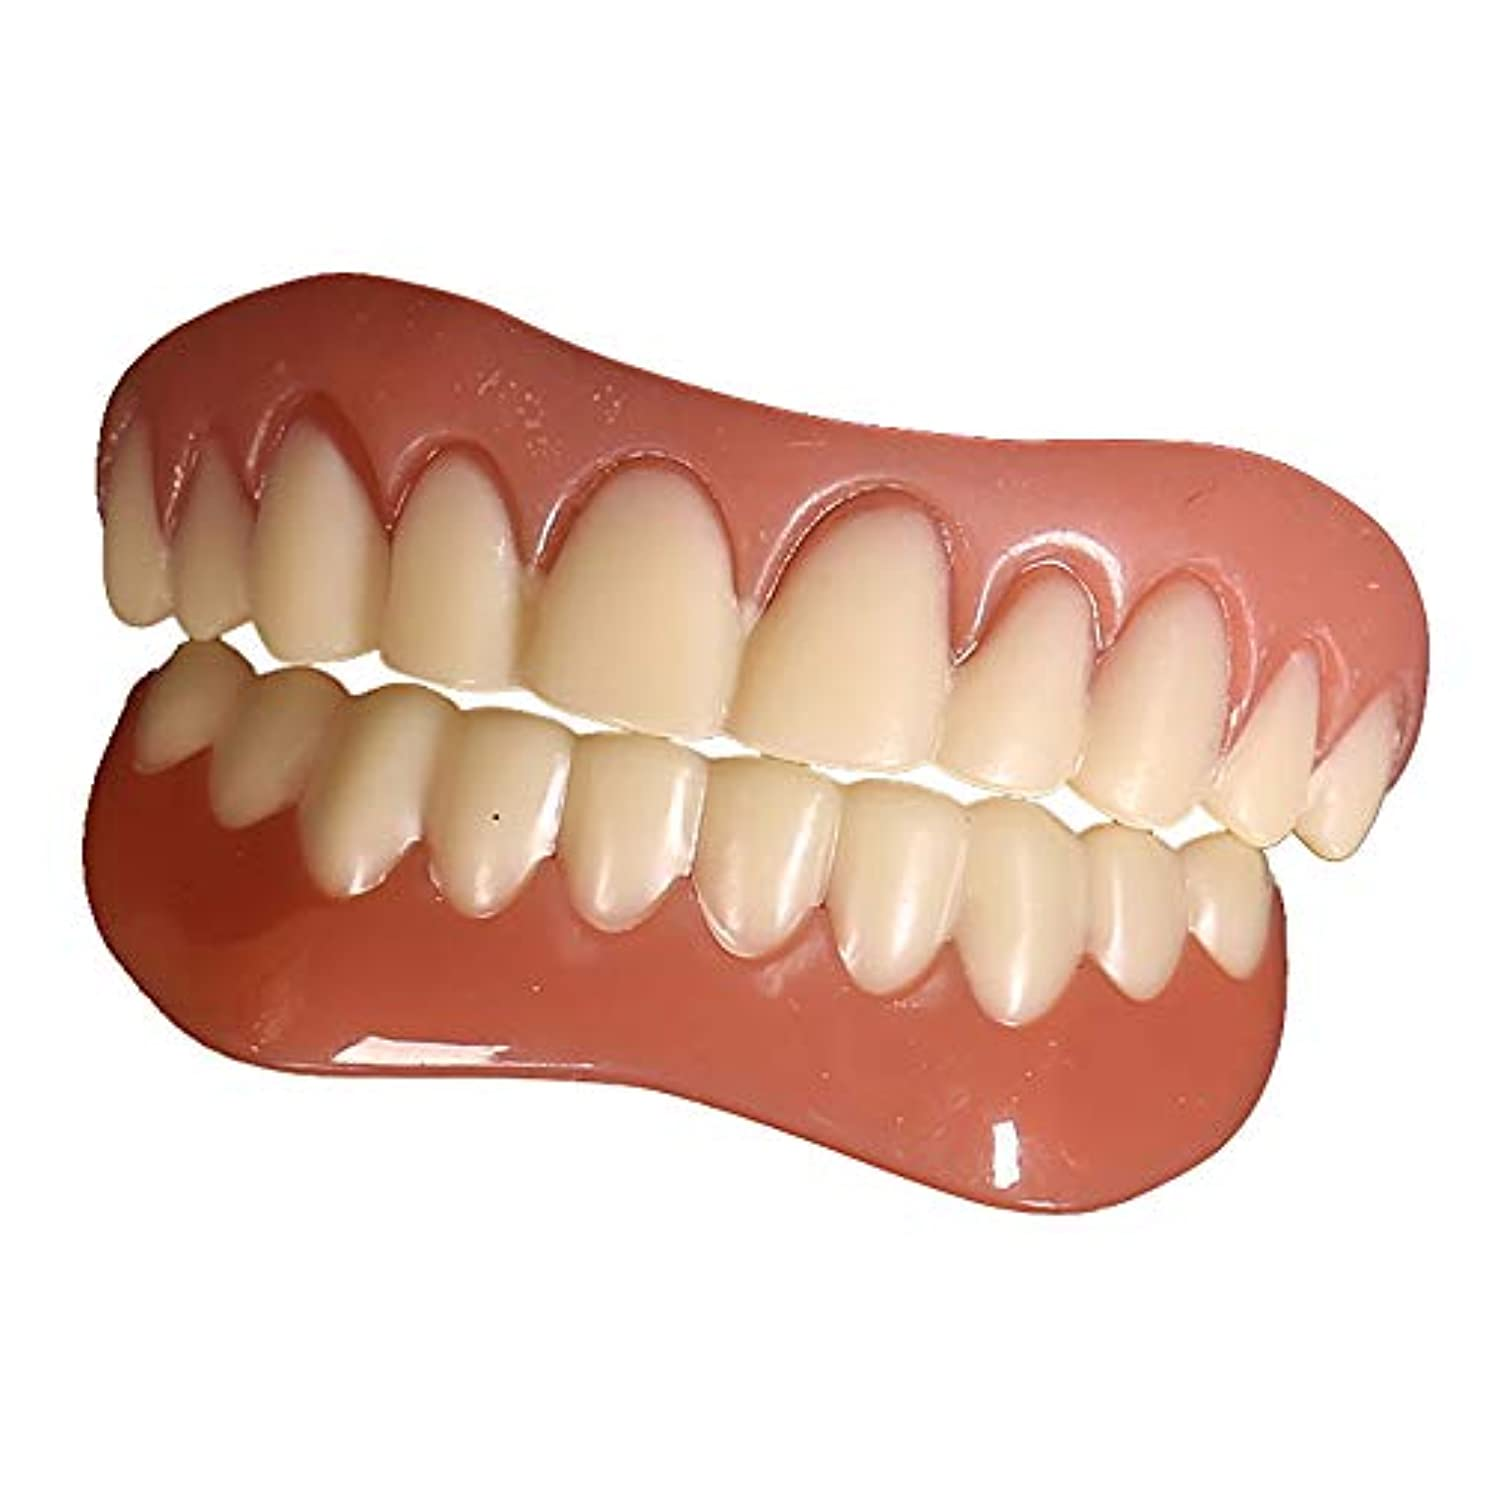 意気揚々警察署つま先パーフェクトインスタントスマイルティースベニヤインスタントビューティーデンチャー上下歯2組(フリーサイズ(中))